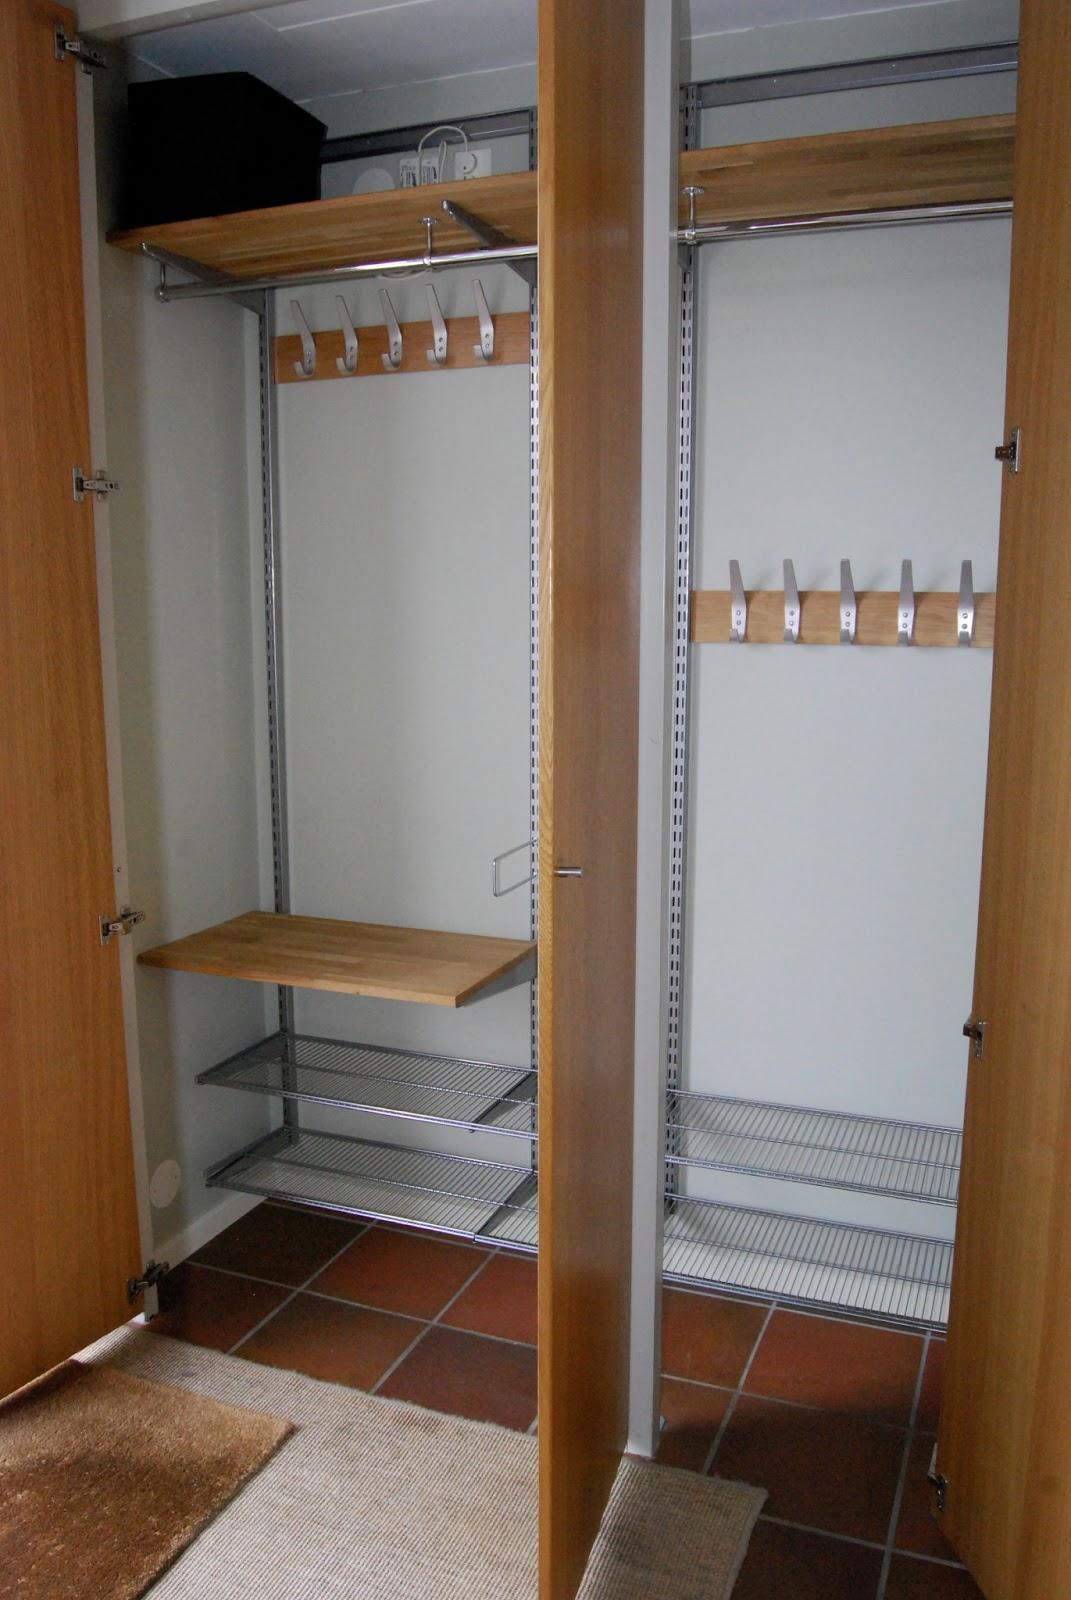 Almbacken Effektiv förvaring i liten hall